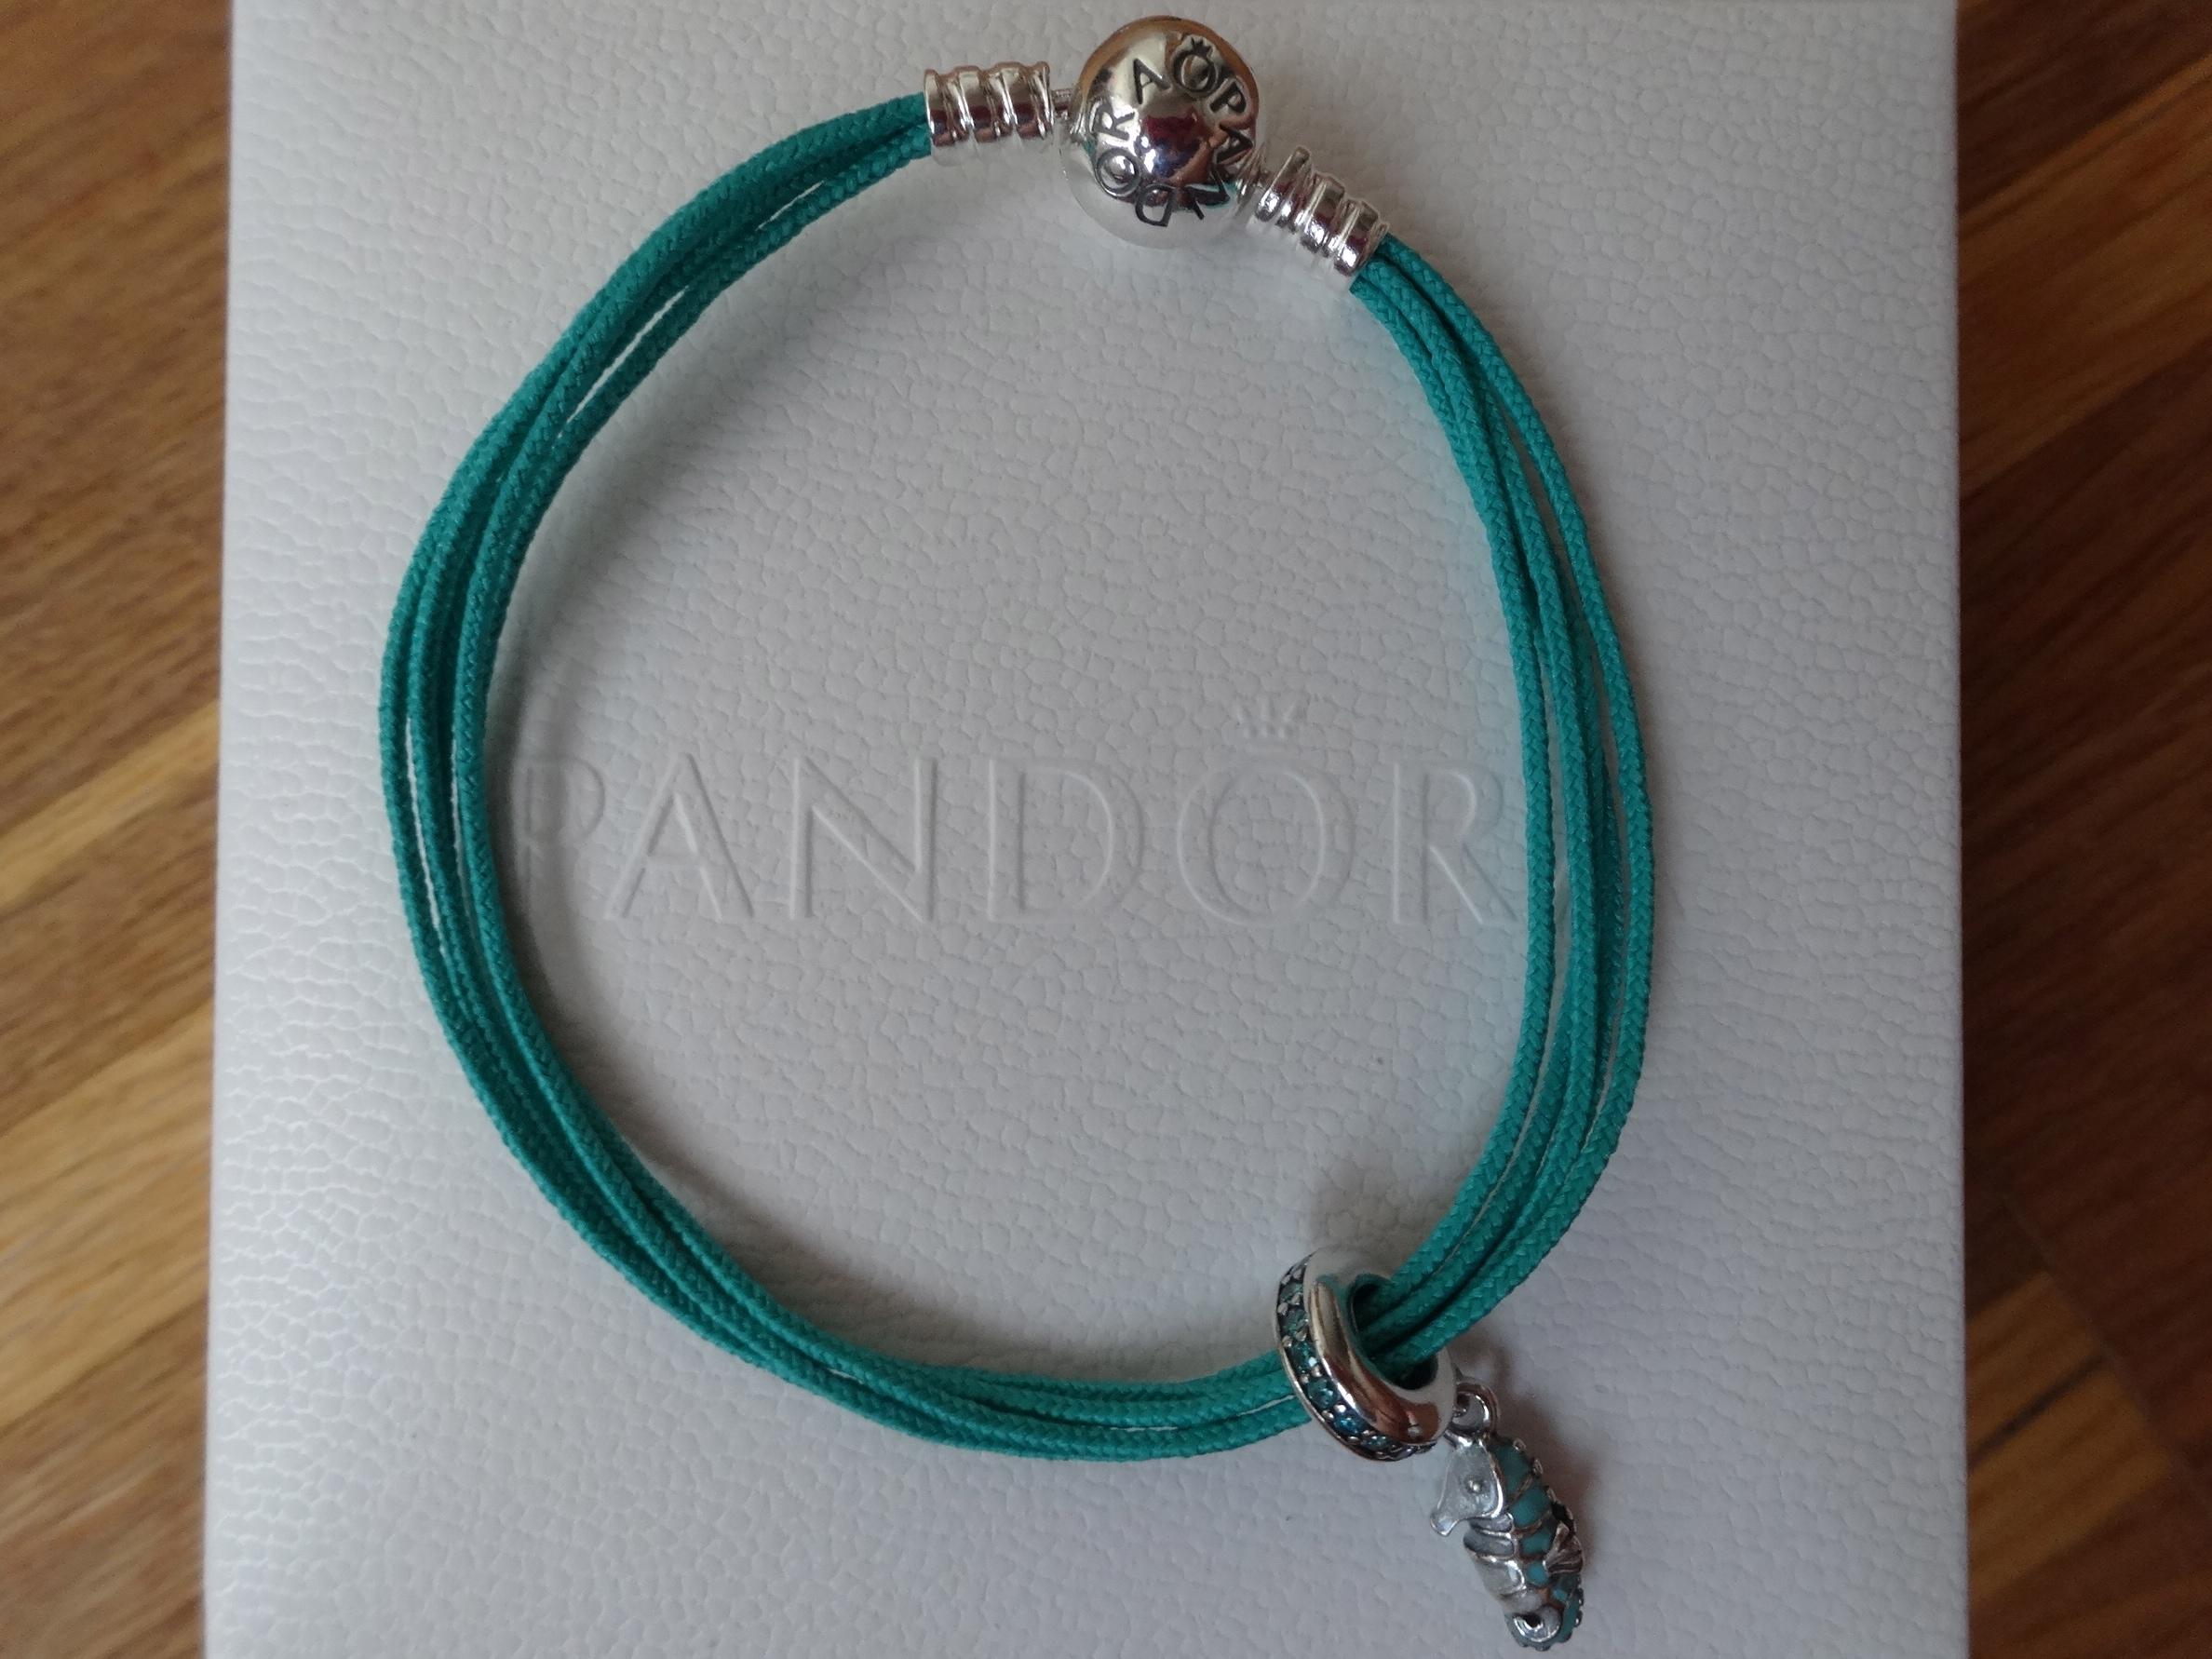 Pandora Moments multi strand bracelet